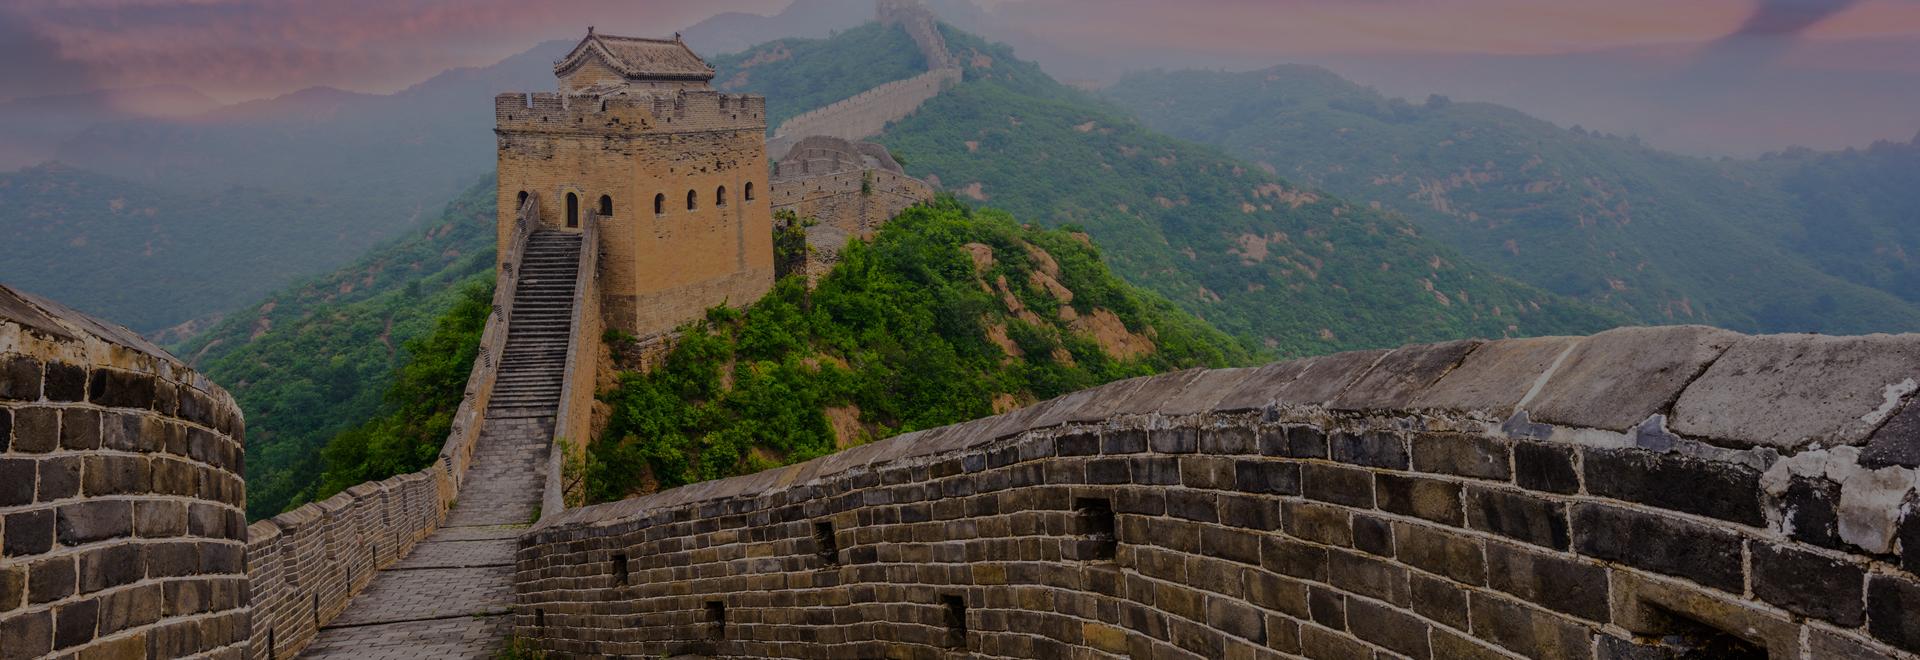 Orientation Meetings - Beijing